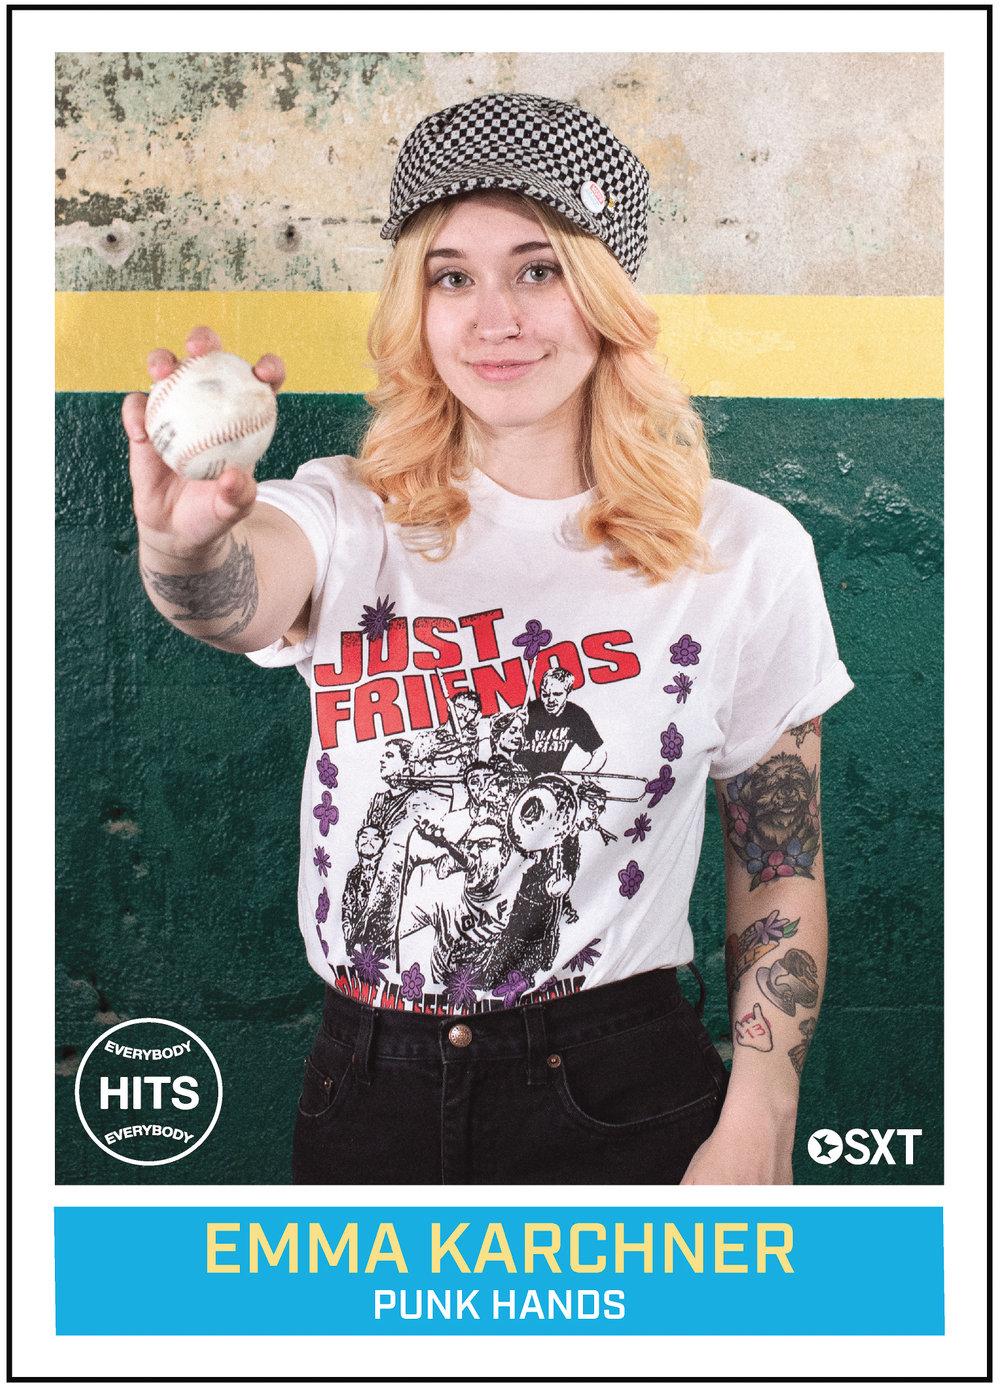 Emma Karchner aka Punk Hands